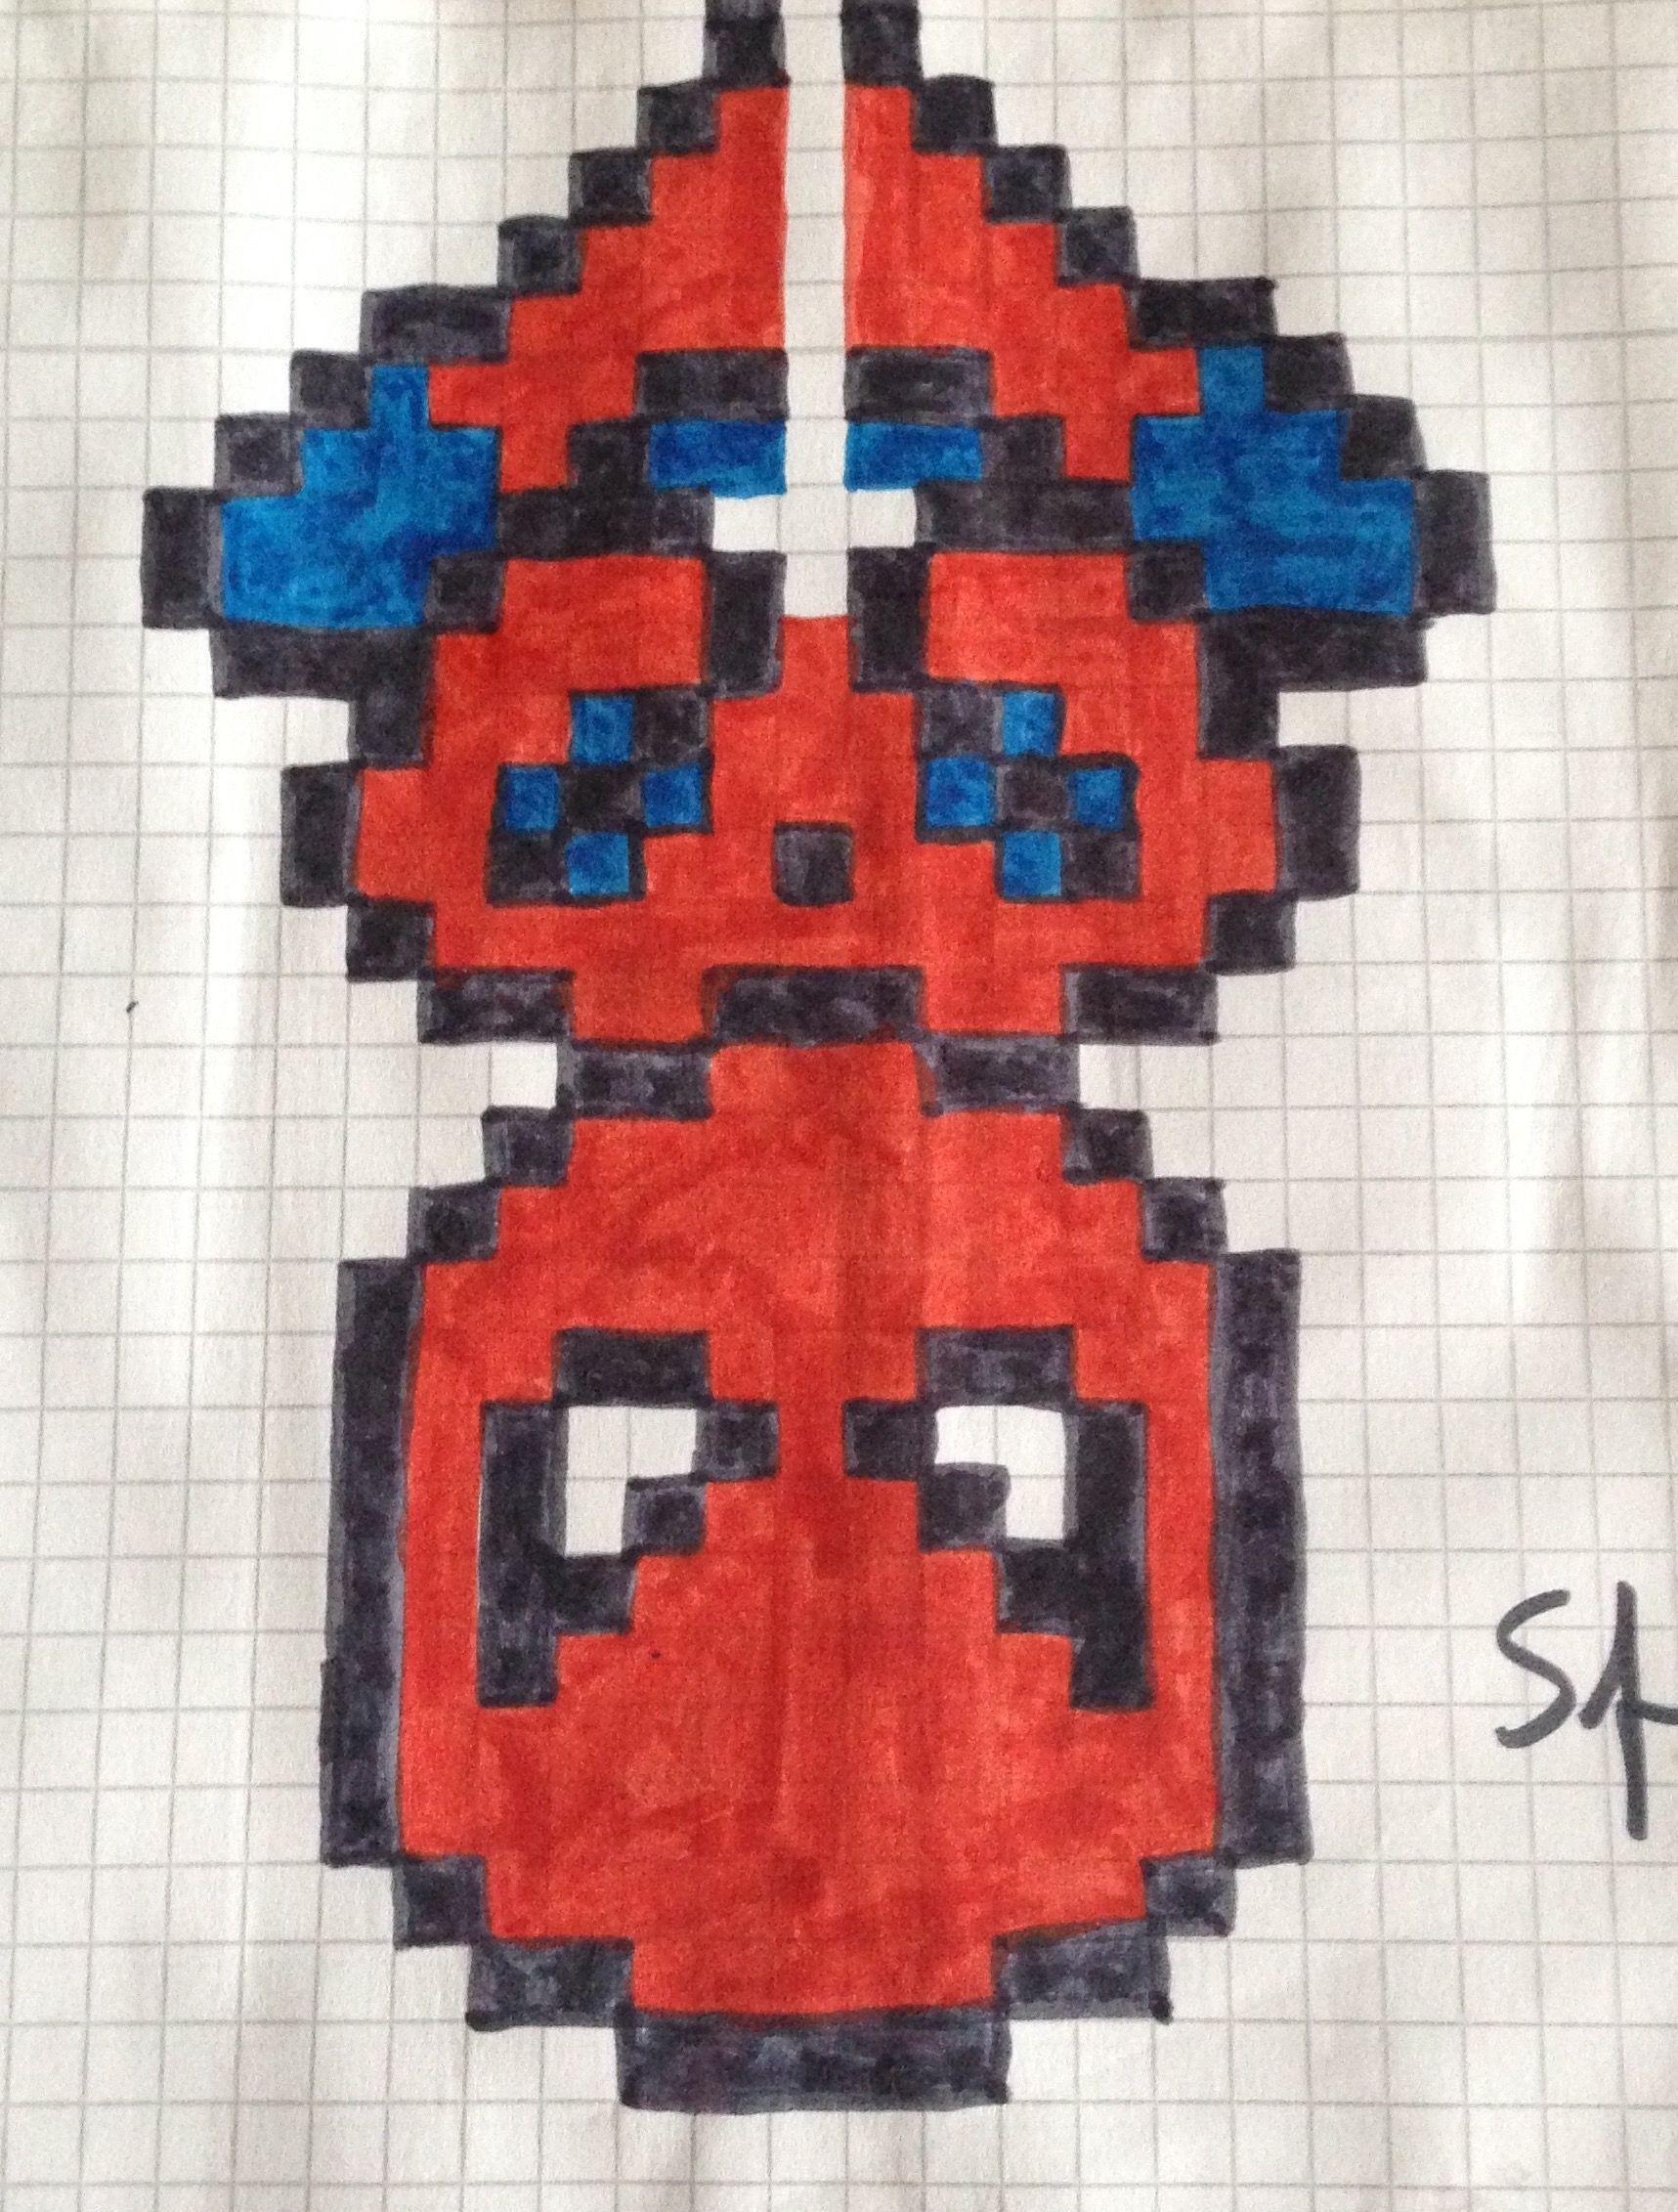 Fantástico Fabricante De Plantillas De Pixel Art Imagen - Colección ...